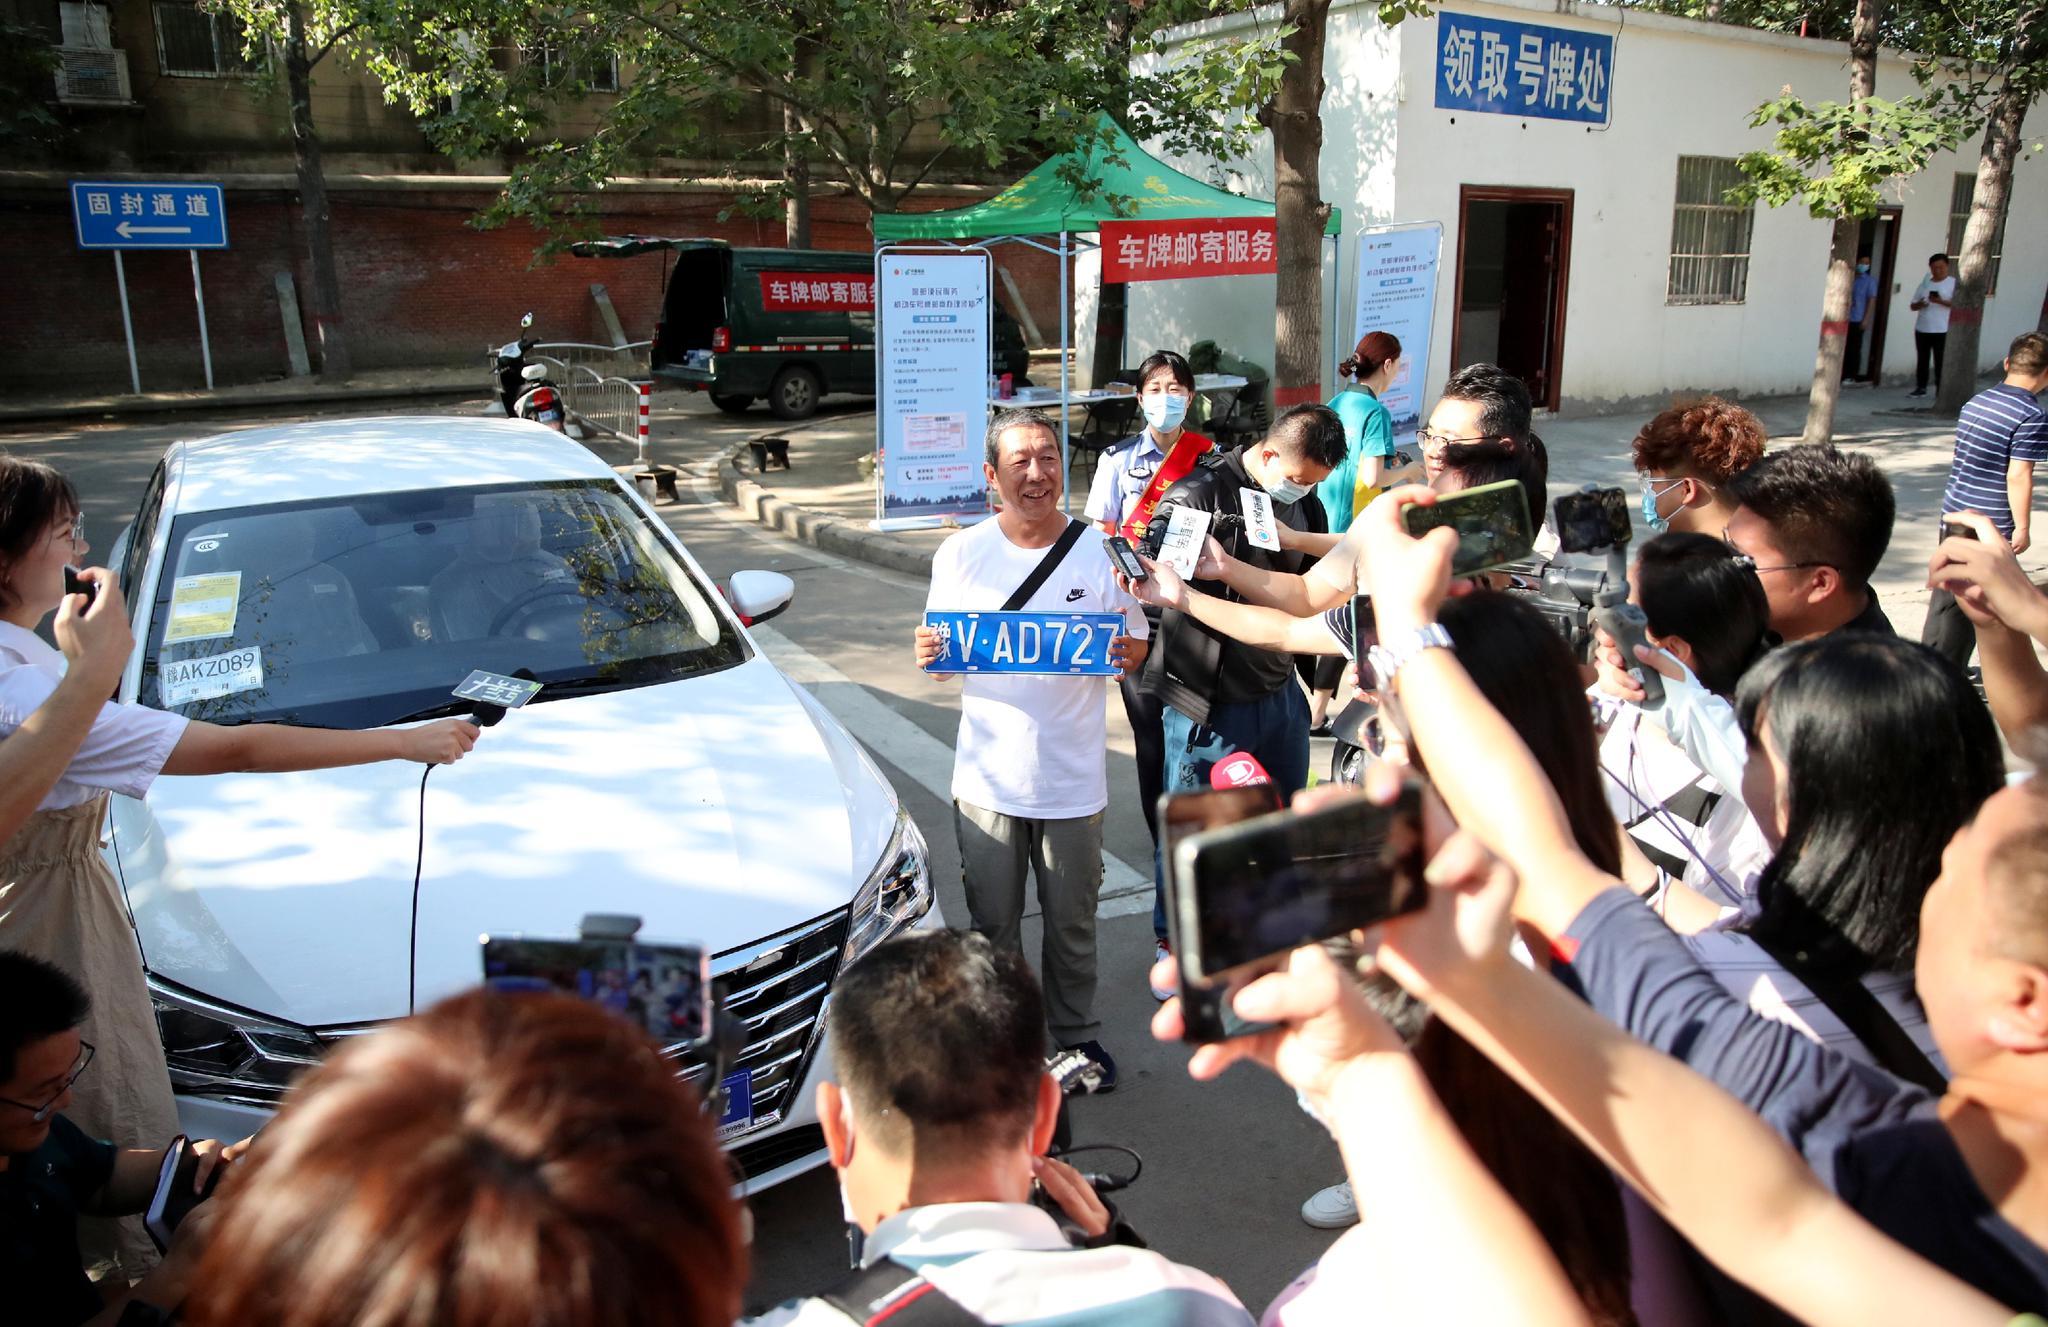 郑州第一张豫V号牌车主:太激动了 手在发抖